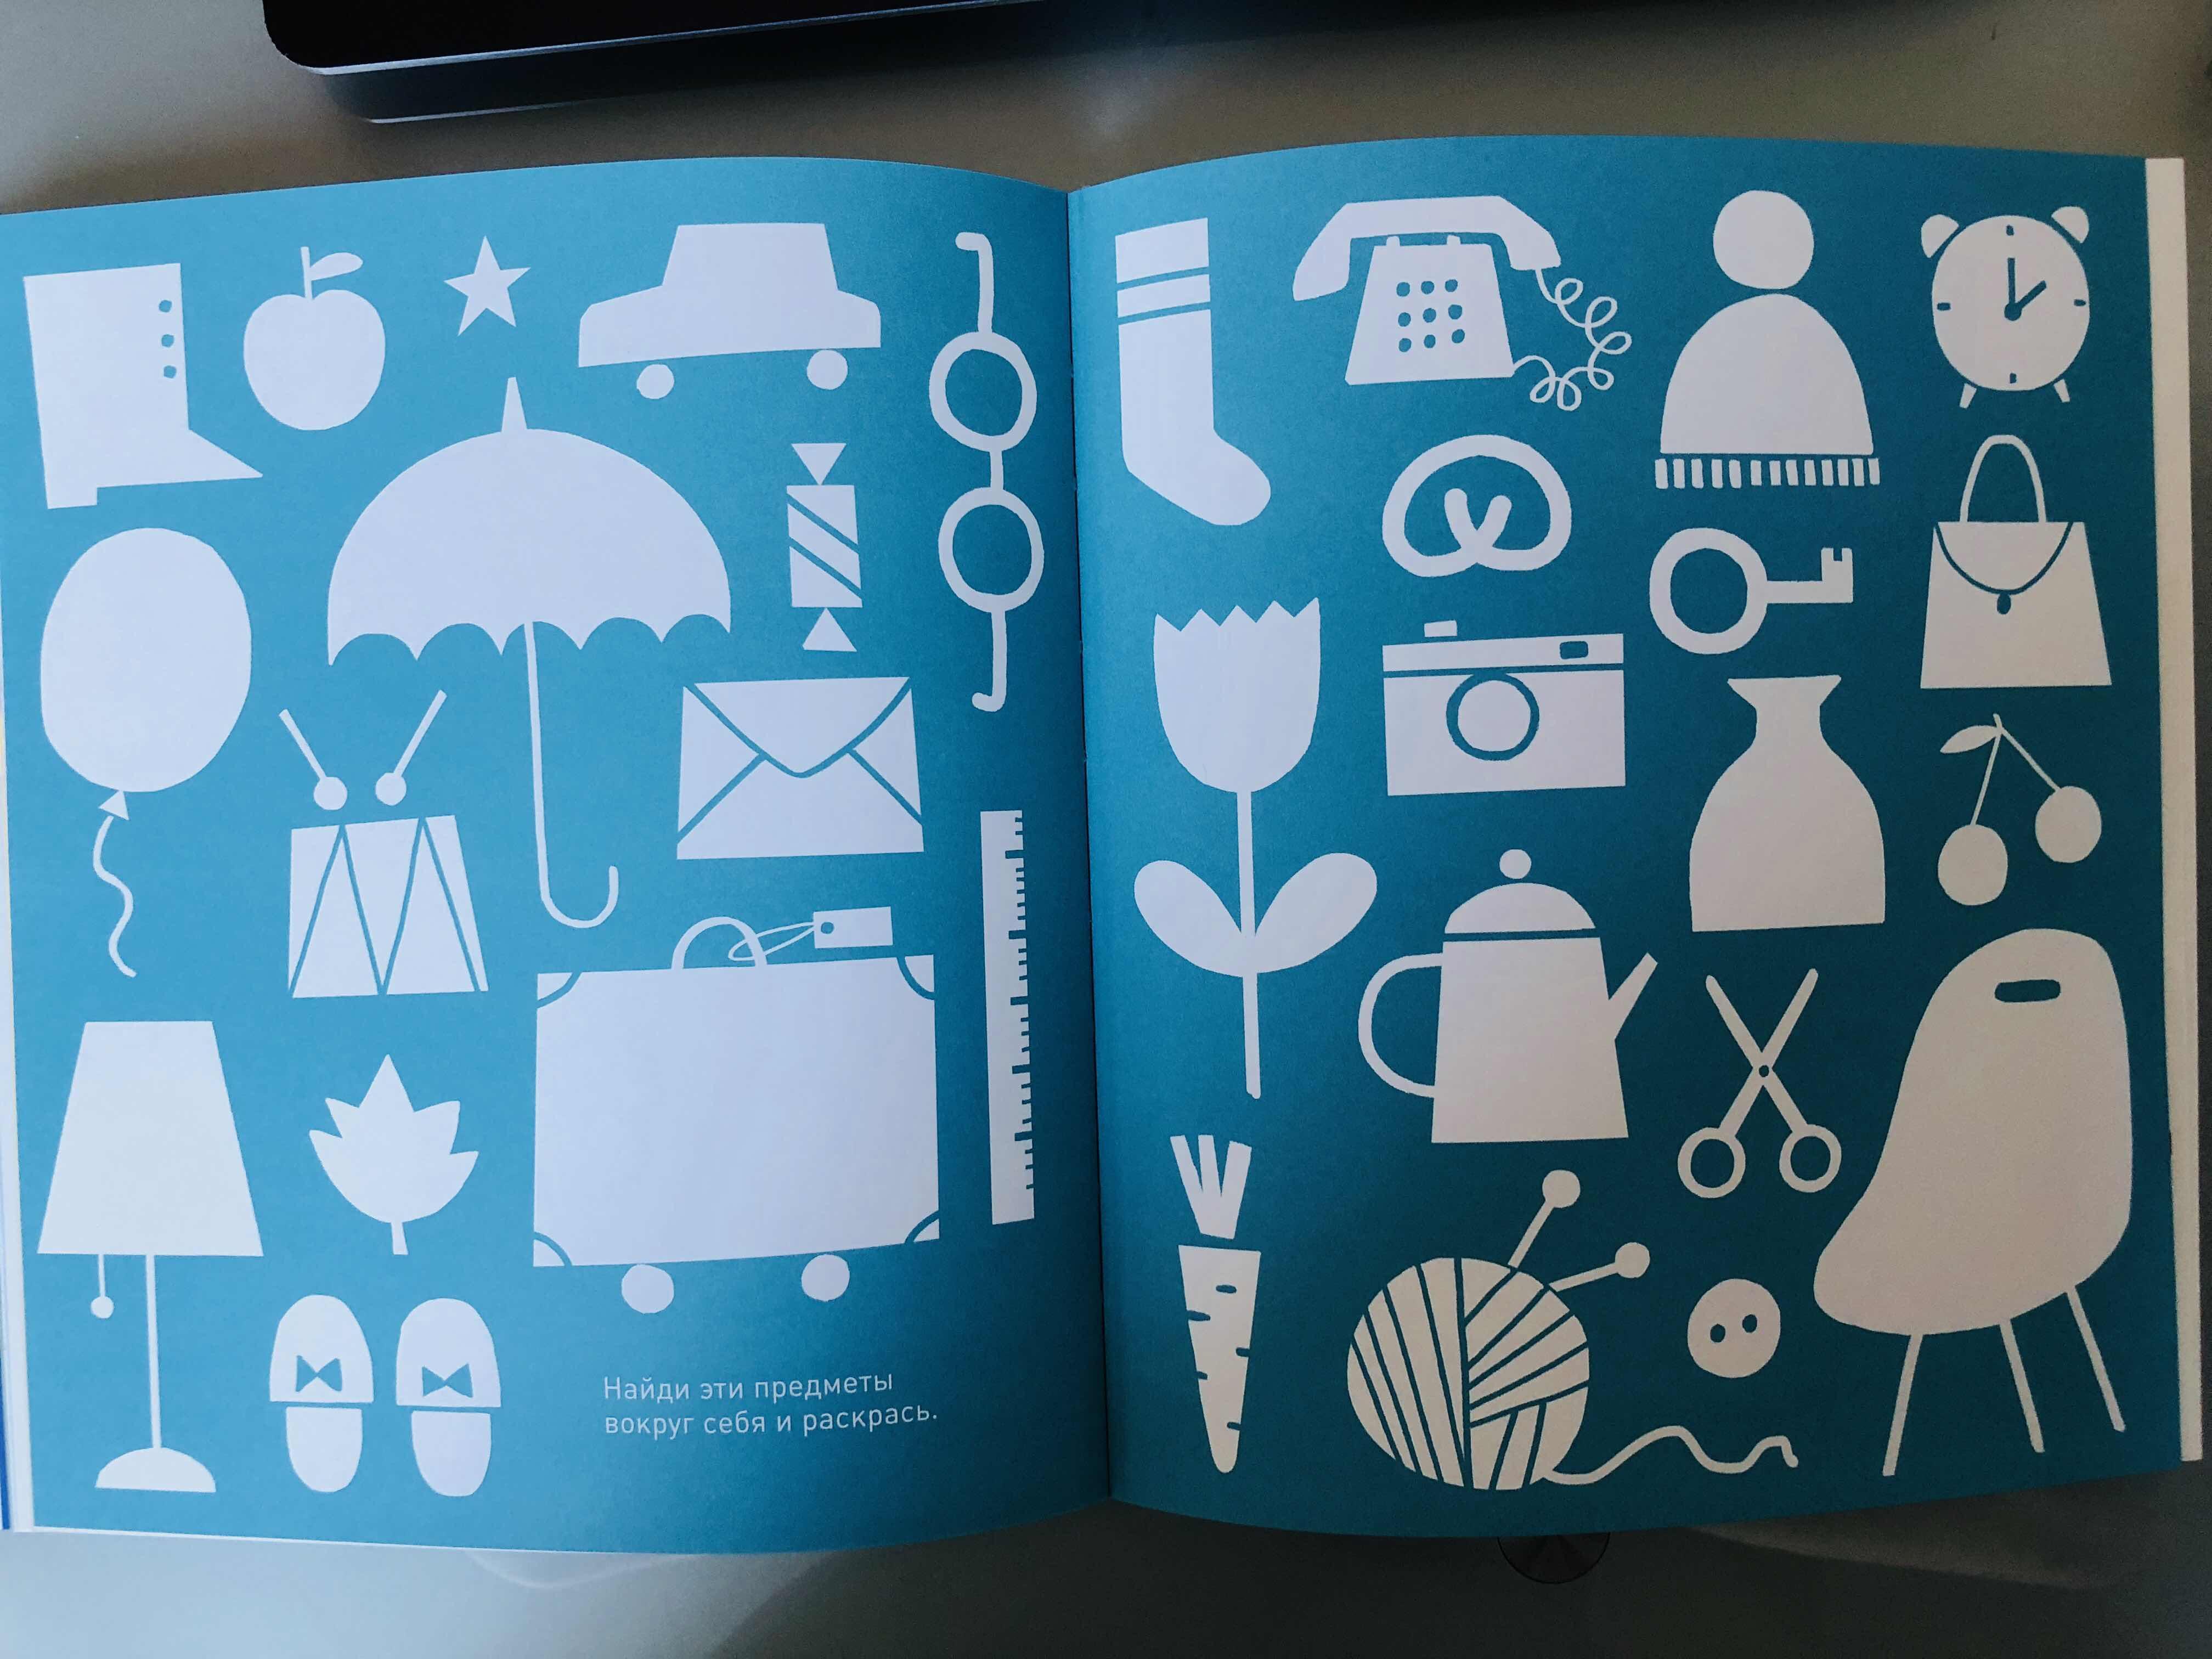 Альбомы Бим-Бом для развития фантазии и творческих способностей 15